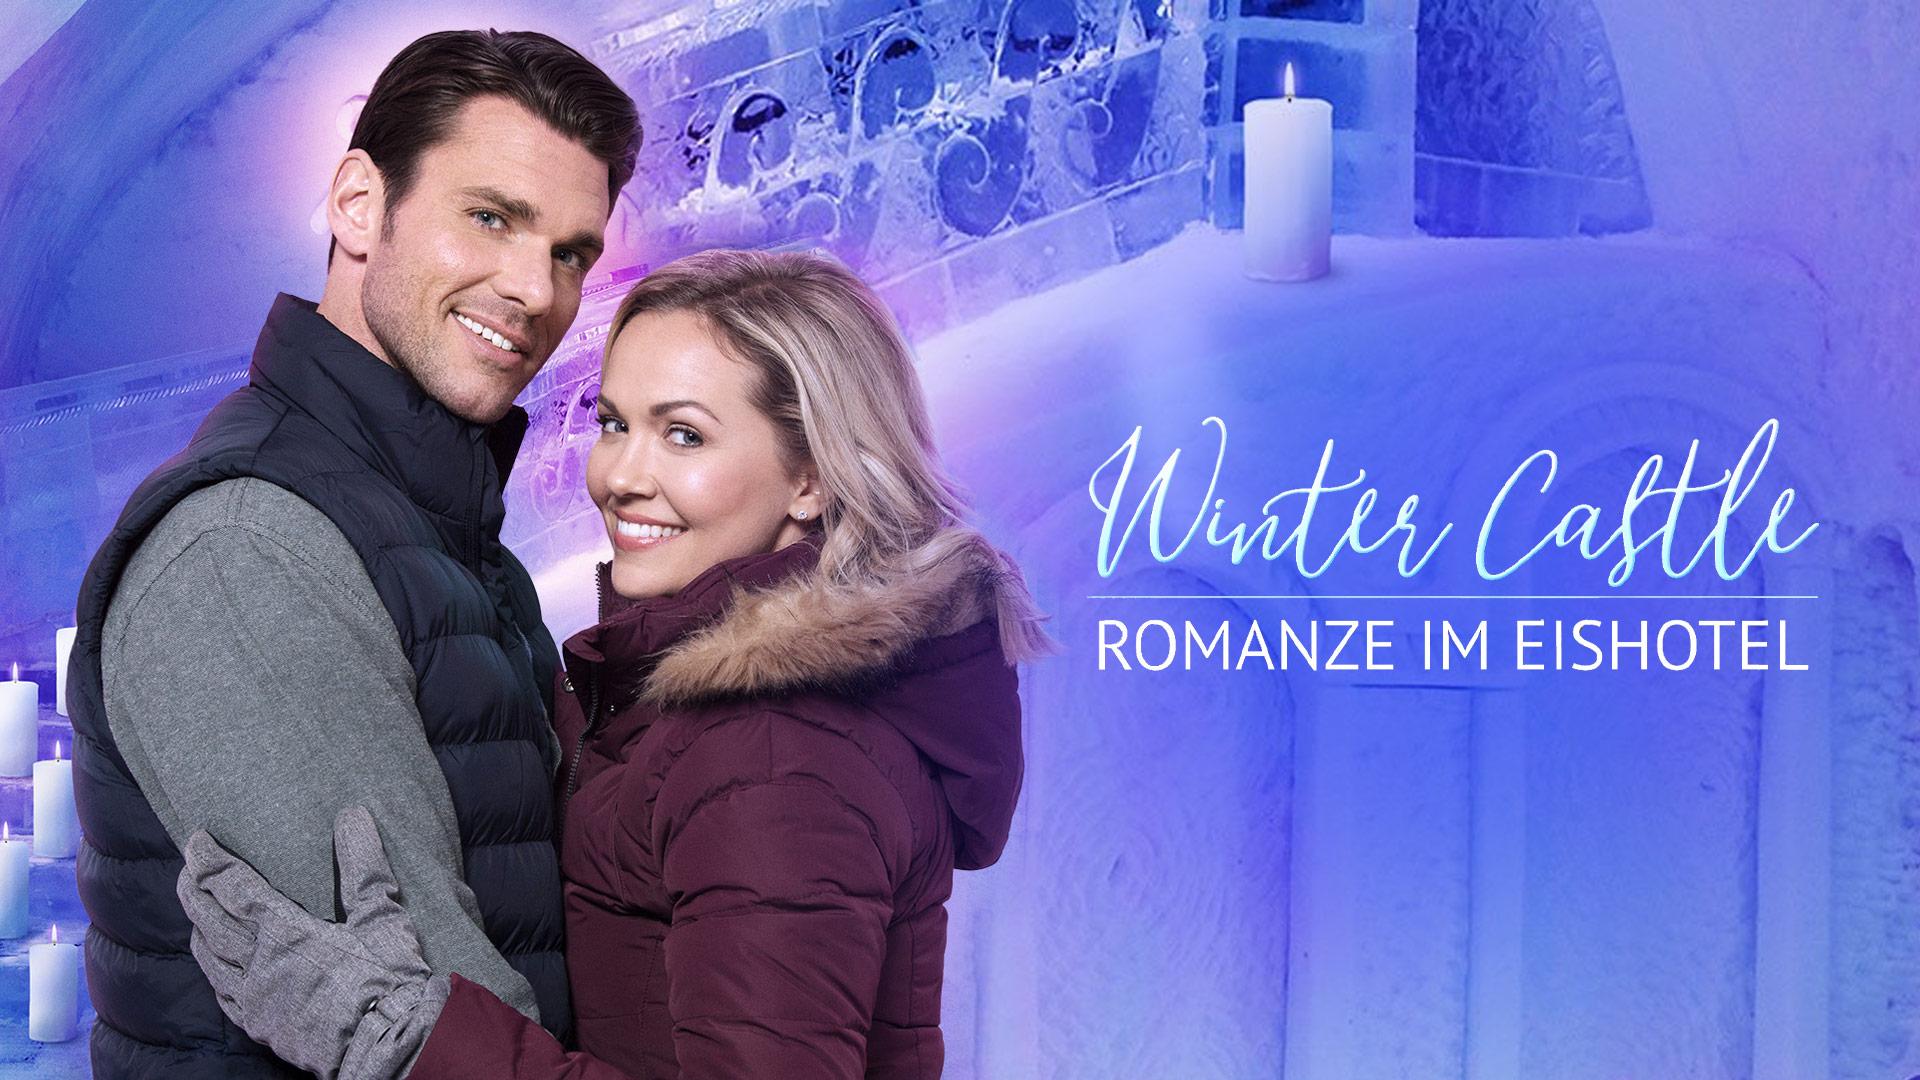 Winter Castle - Romanze im Eishotel